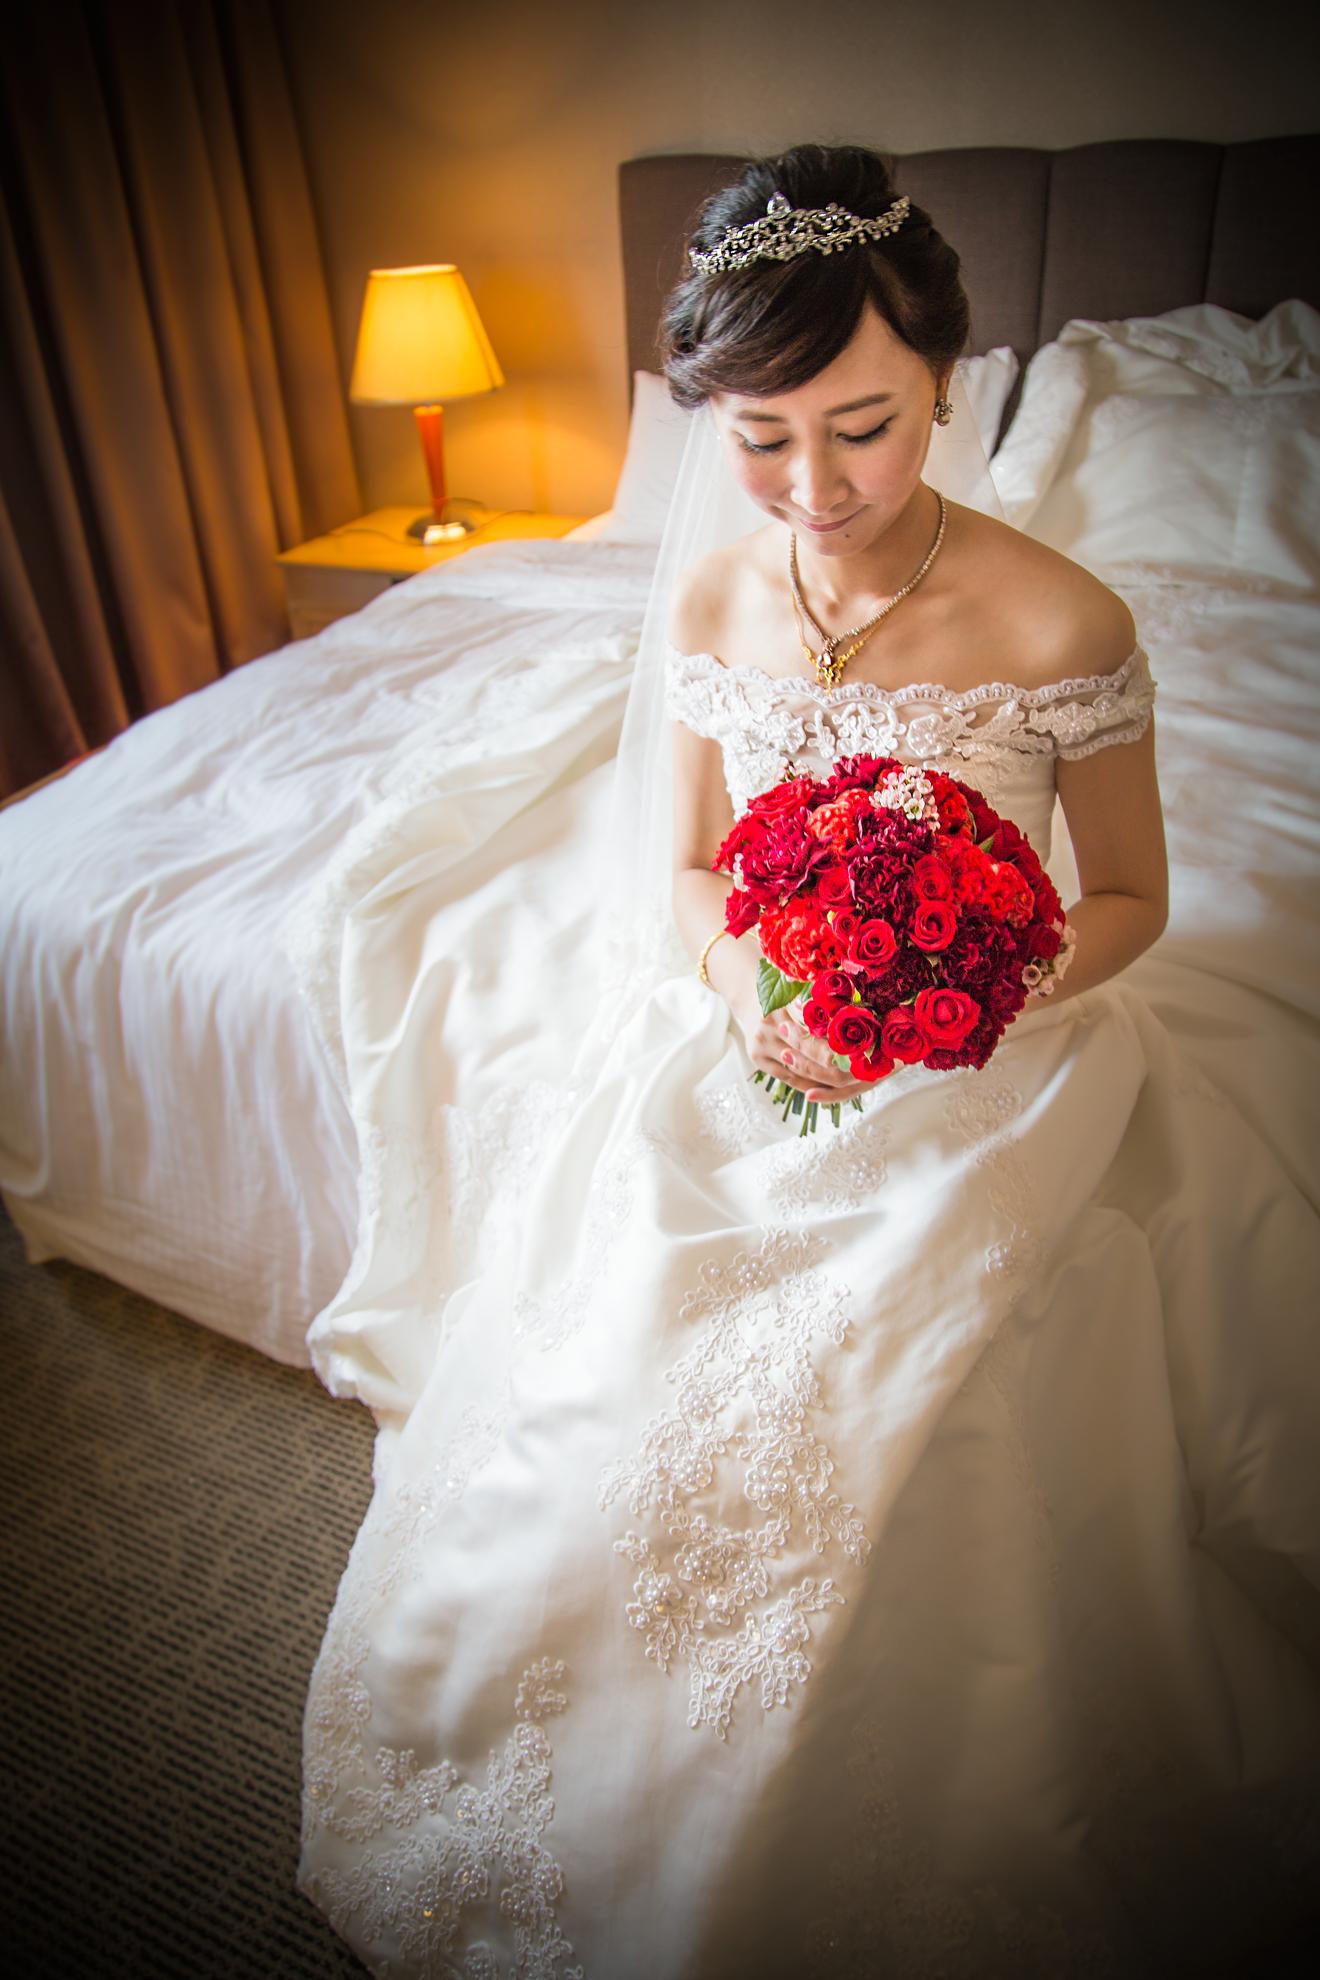 CUBY-台北凱撒大飯店-迎娶-婚攝CUBY